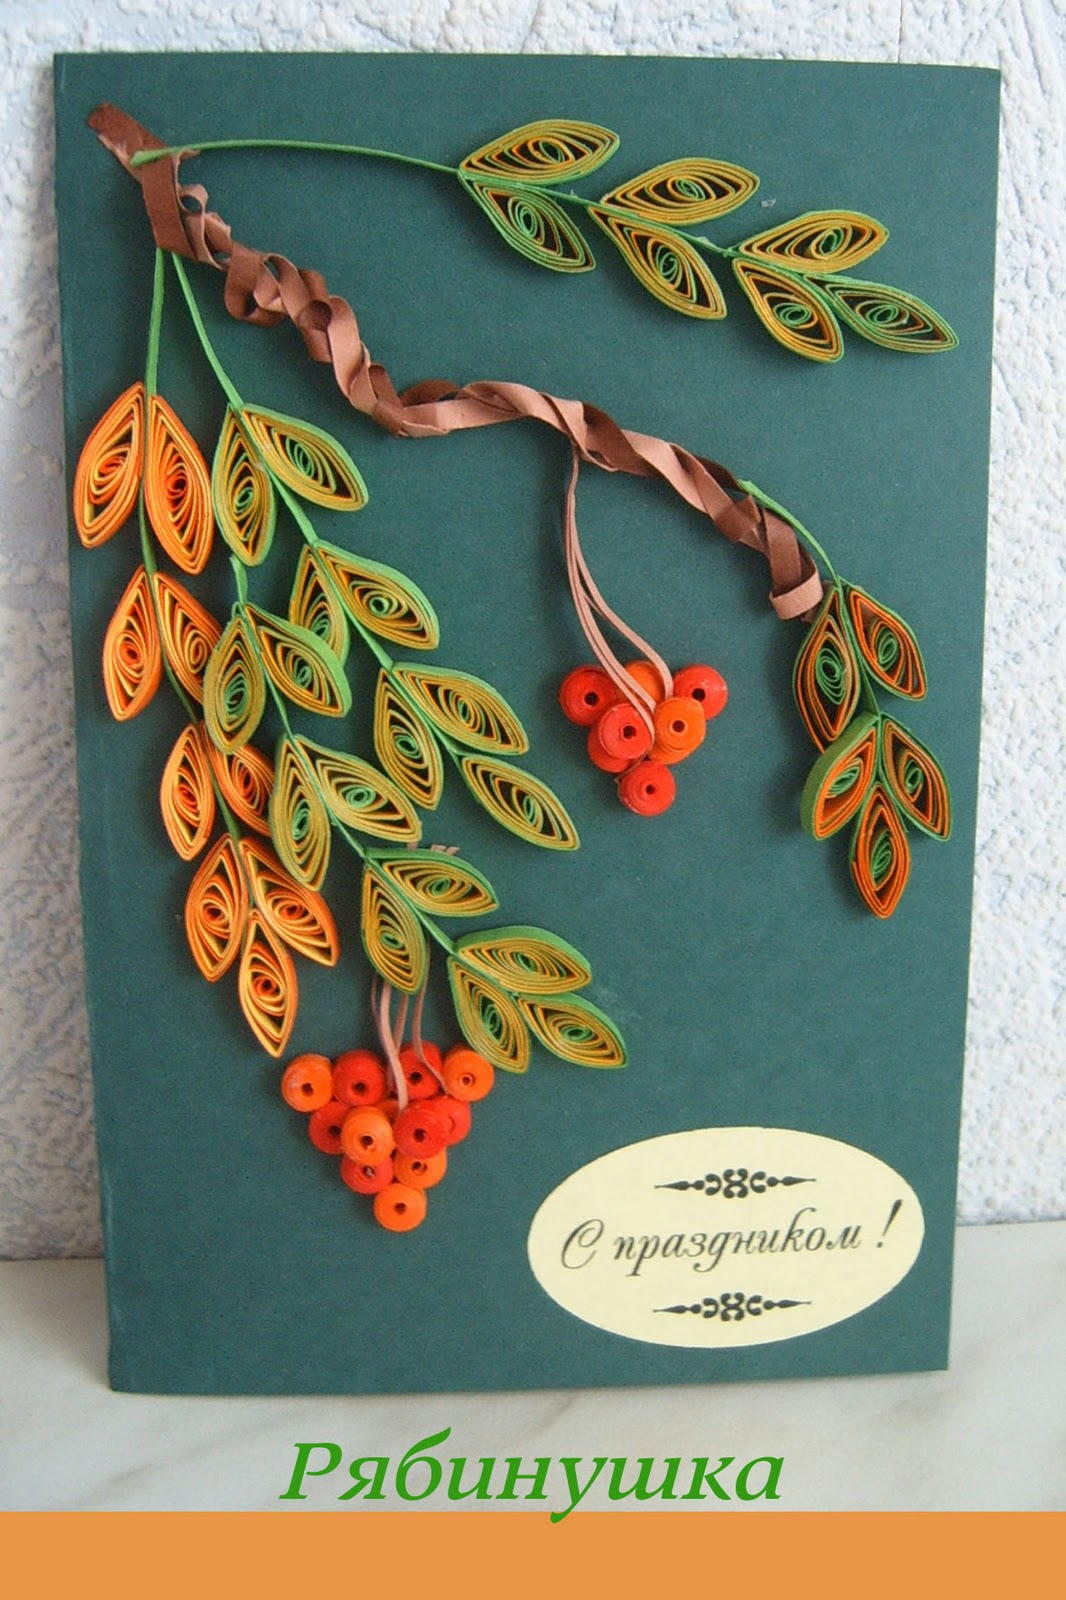 Поделка из квиллинга осень - Поделка своими руками про казахстан / Детский мир им